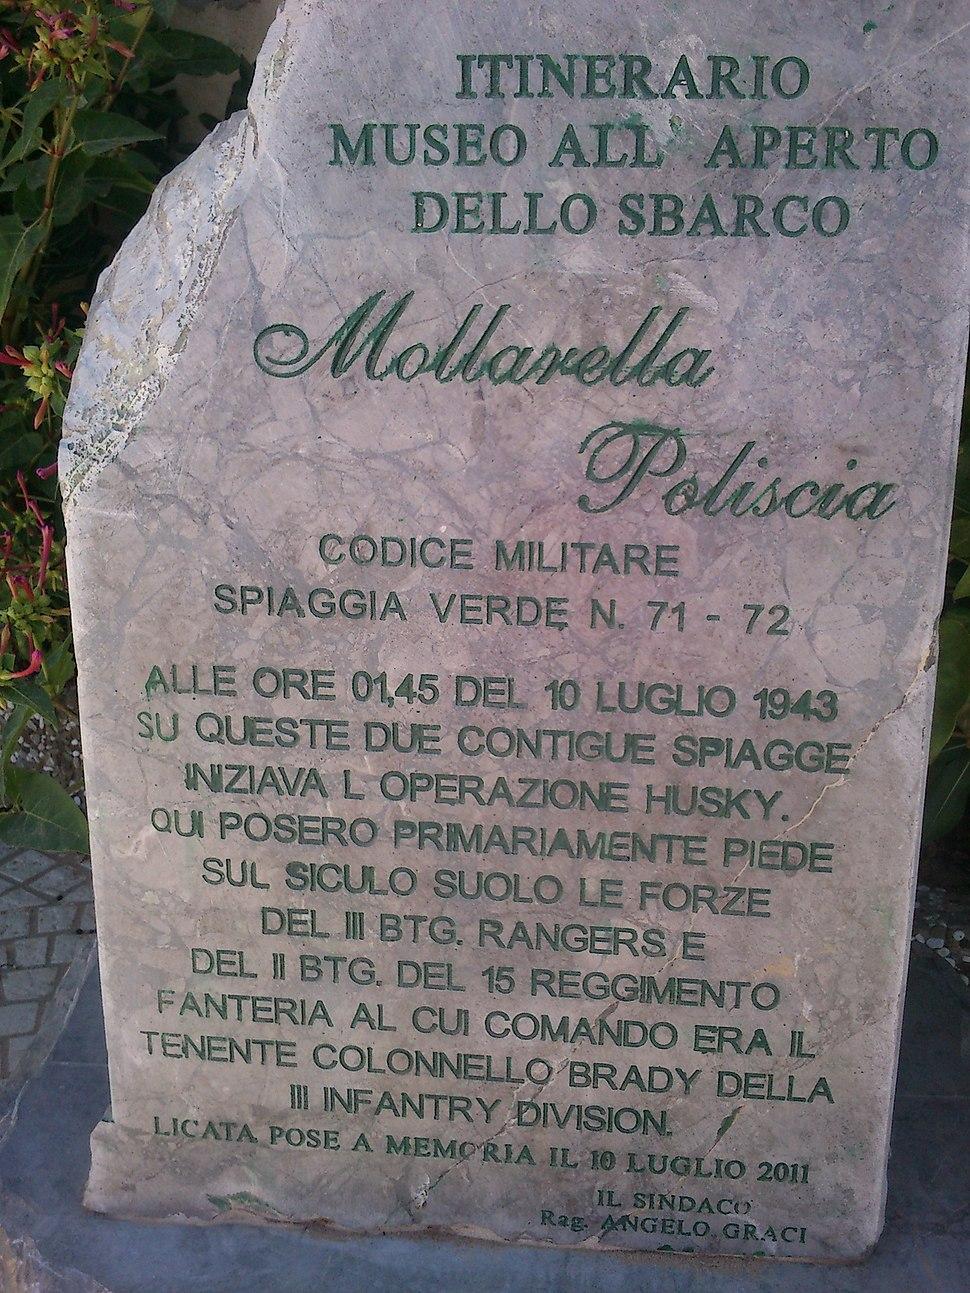 10 Luglio 1943 Sbarco in Sicilia degli Alleati a Licata Settore Joss Spiaggia di Mollarella e Poliscia